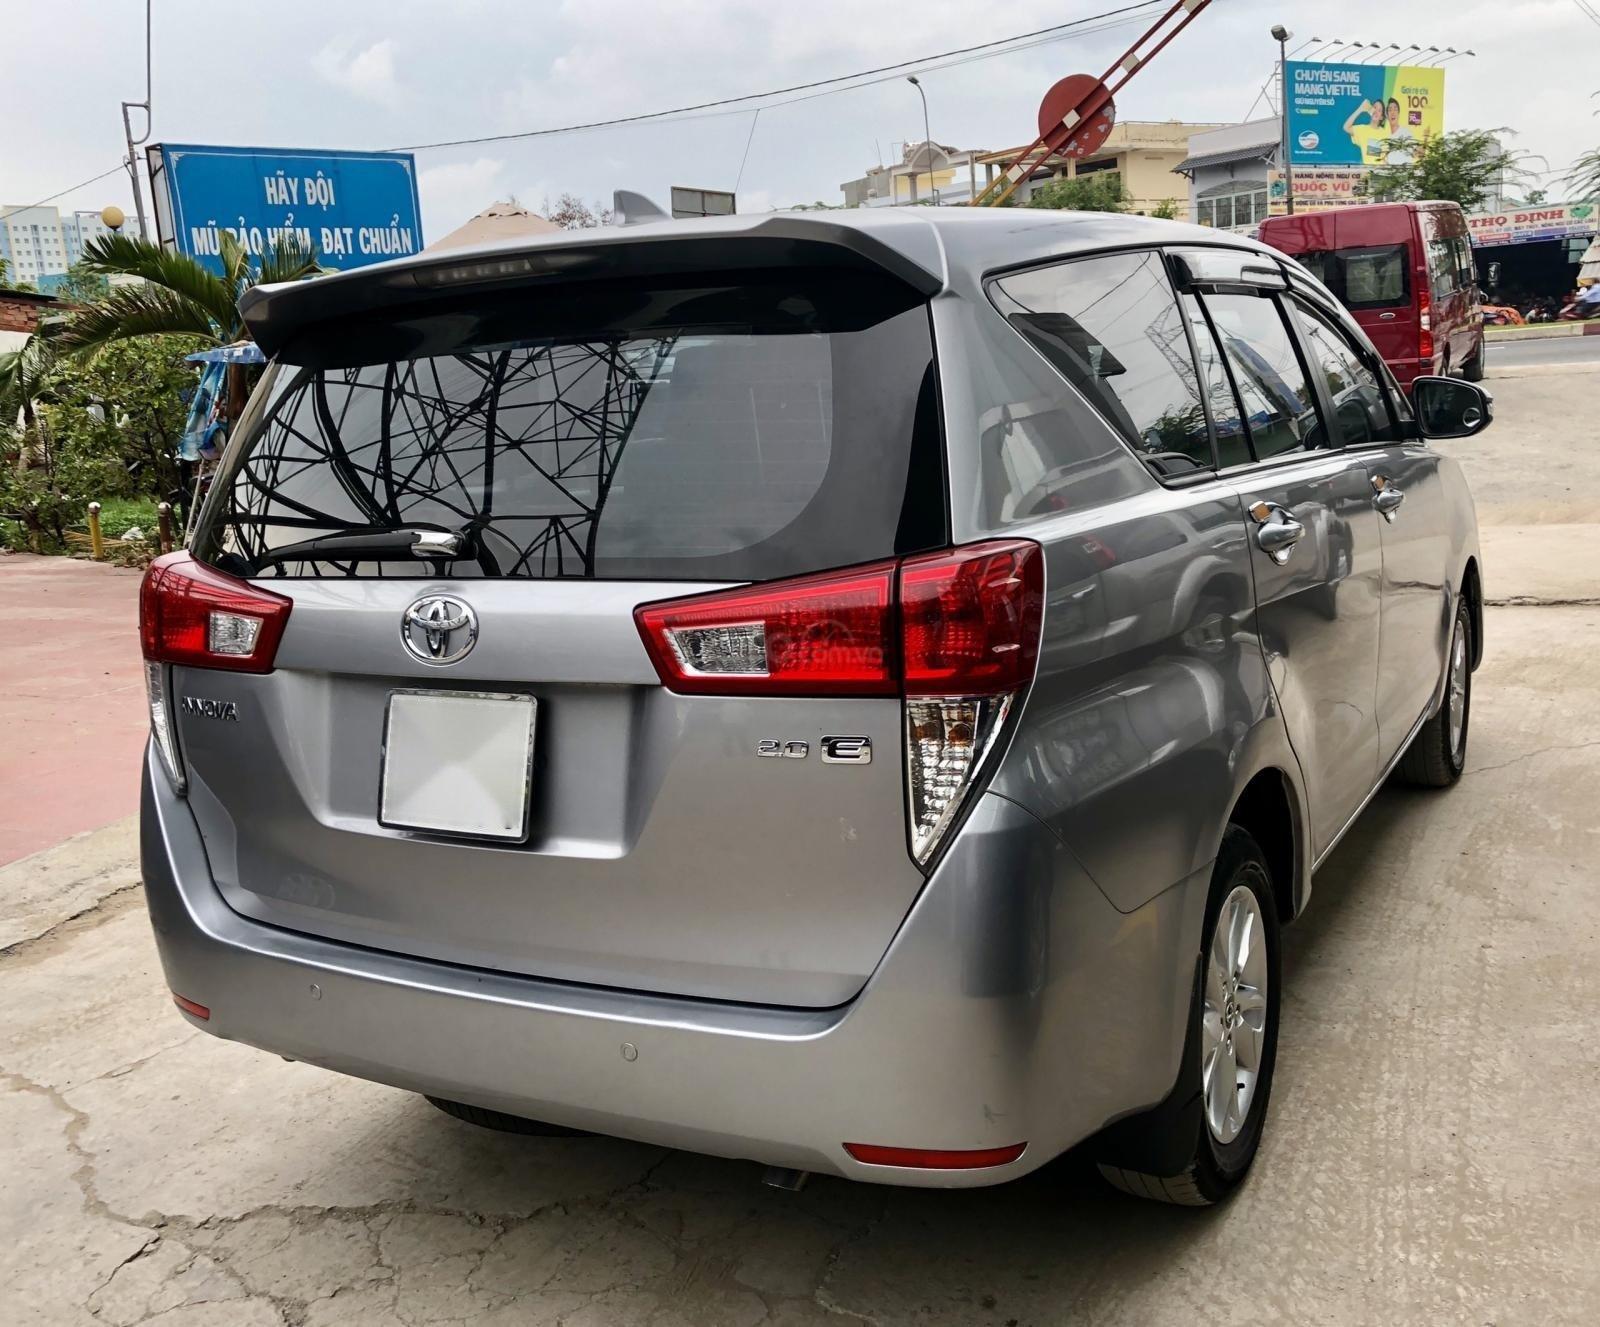 Bán Innova MT 2017, xe bán tại hãng Western Ford có bảo hành-8